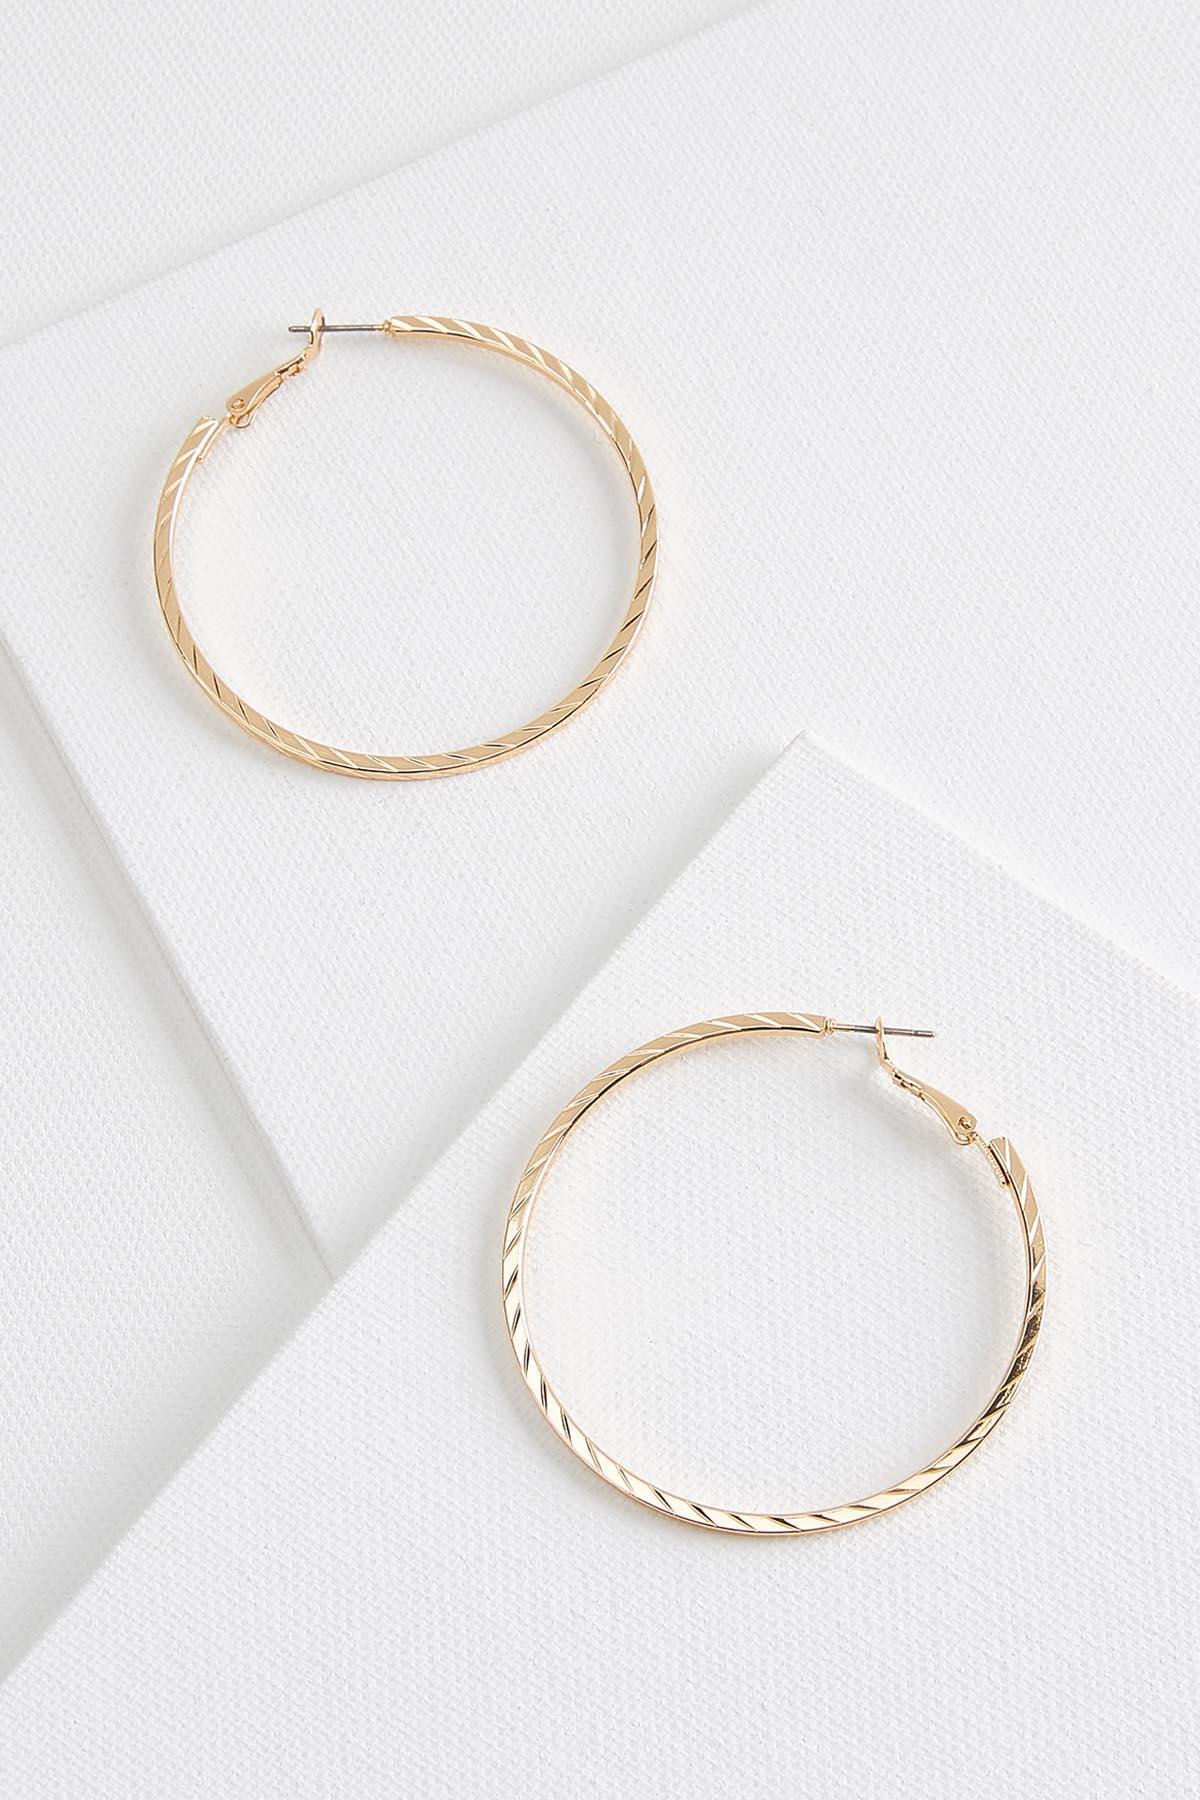 Textured Dainty Hoop Earrings